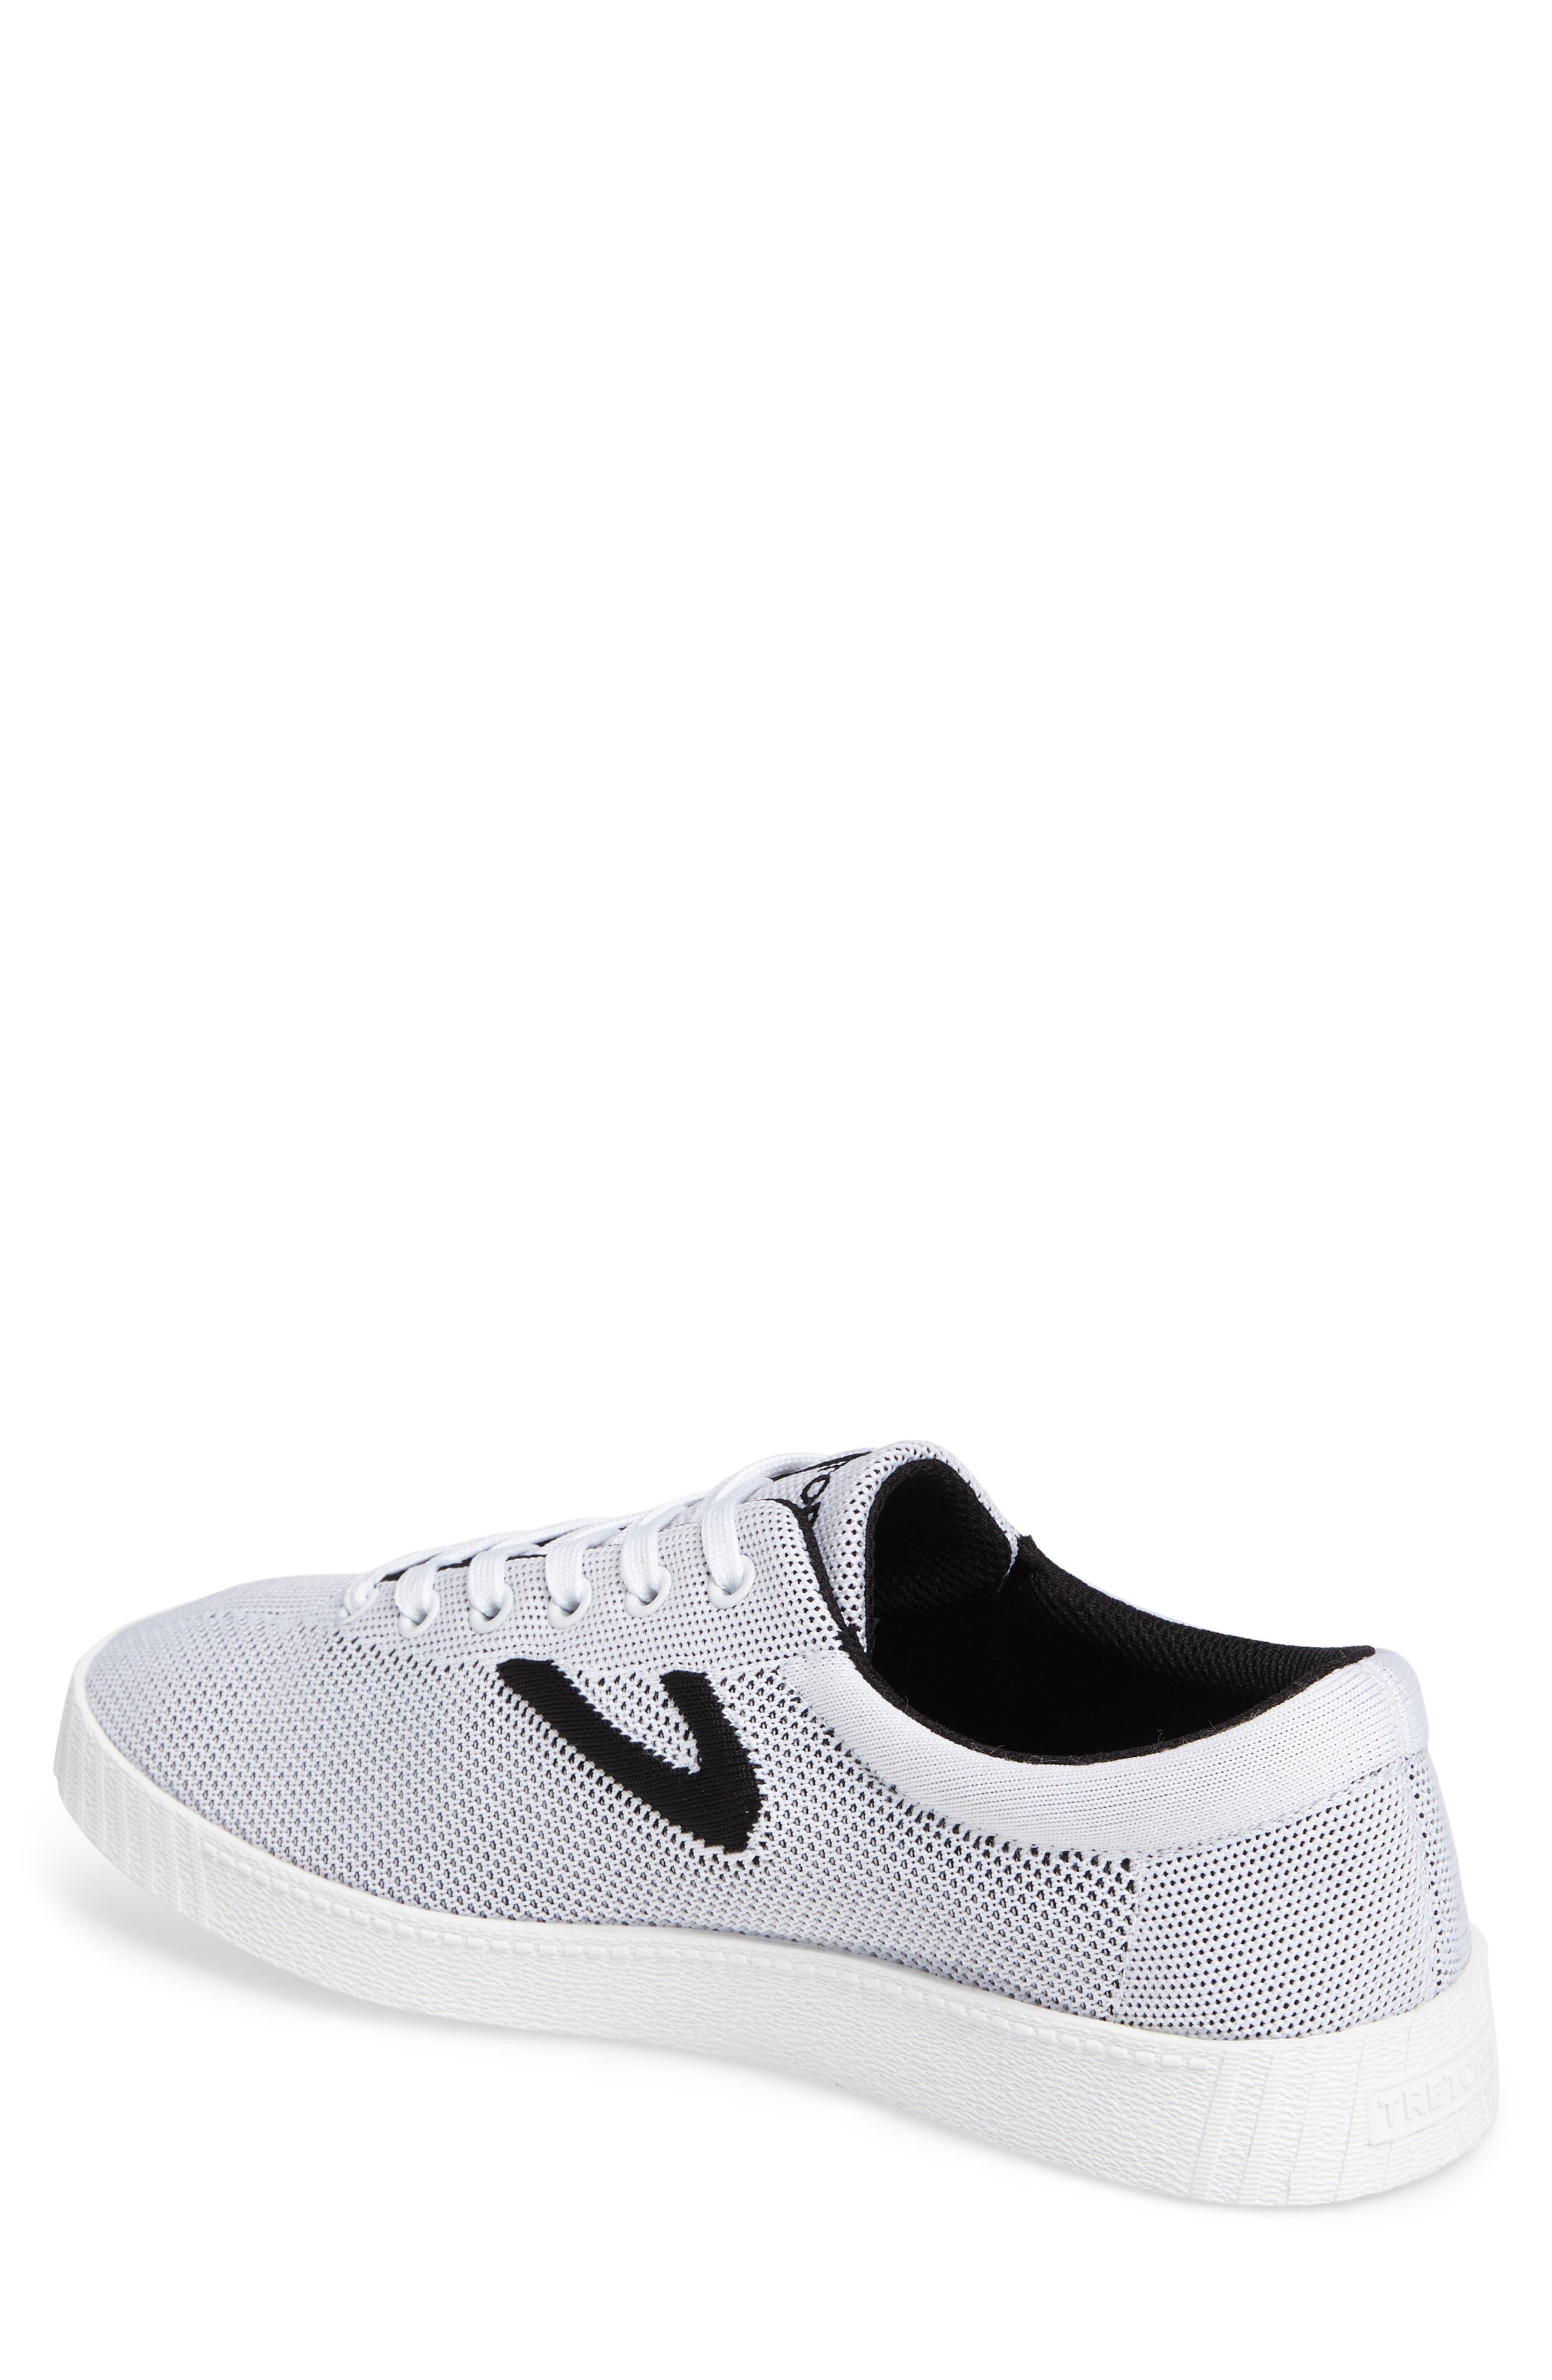 Alternate Image 2  - Tretorn Nylite Knit Sneaker (Men)